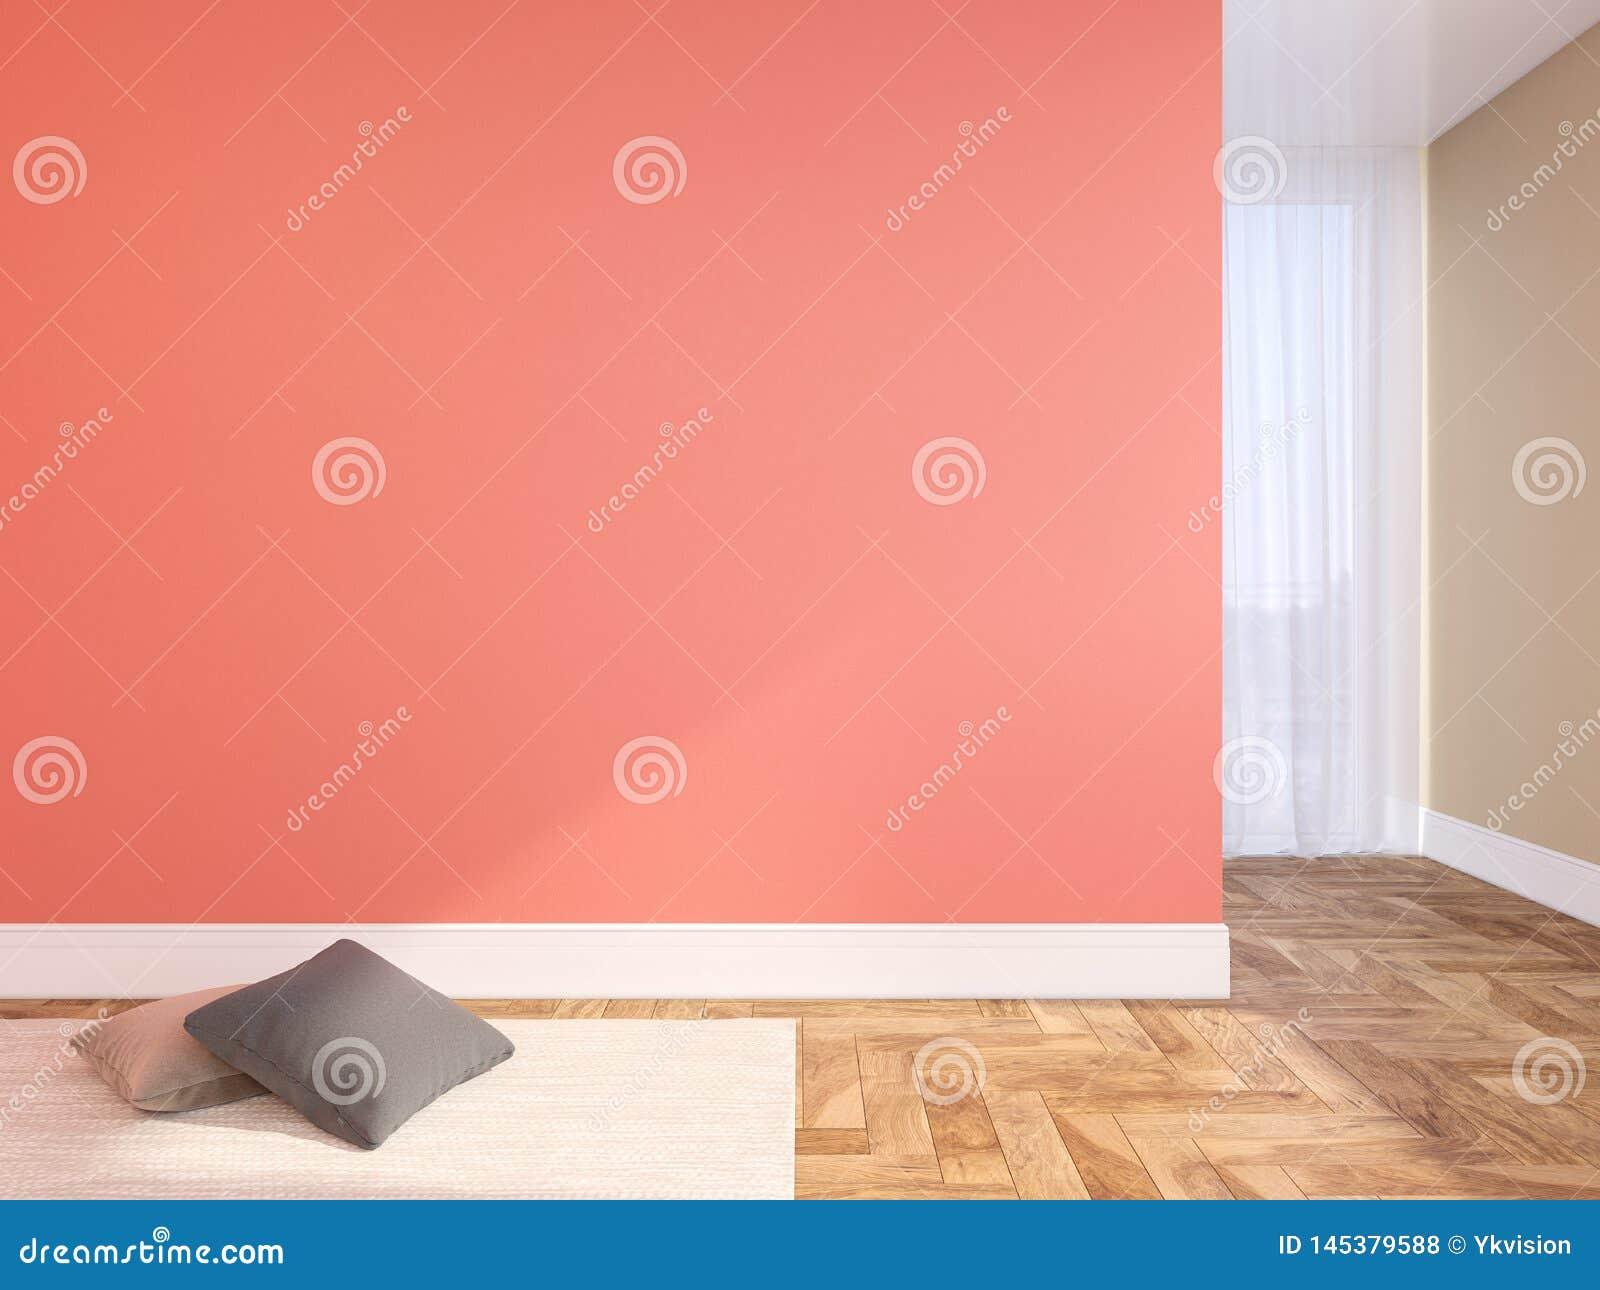 Koraal, roze blinde muur leeg binnenland met hoofdkussens, tapijt, gordijn en visgraat houten vloer